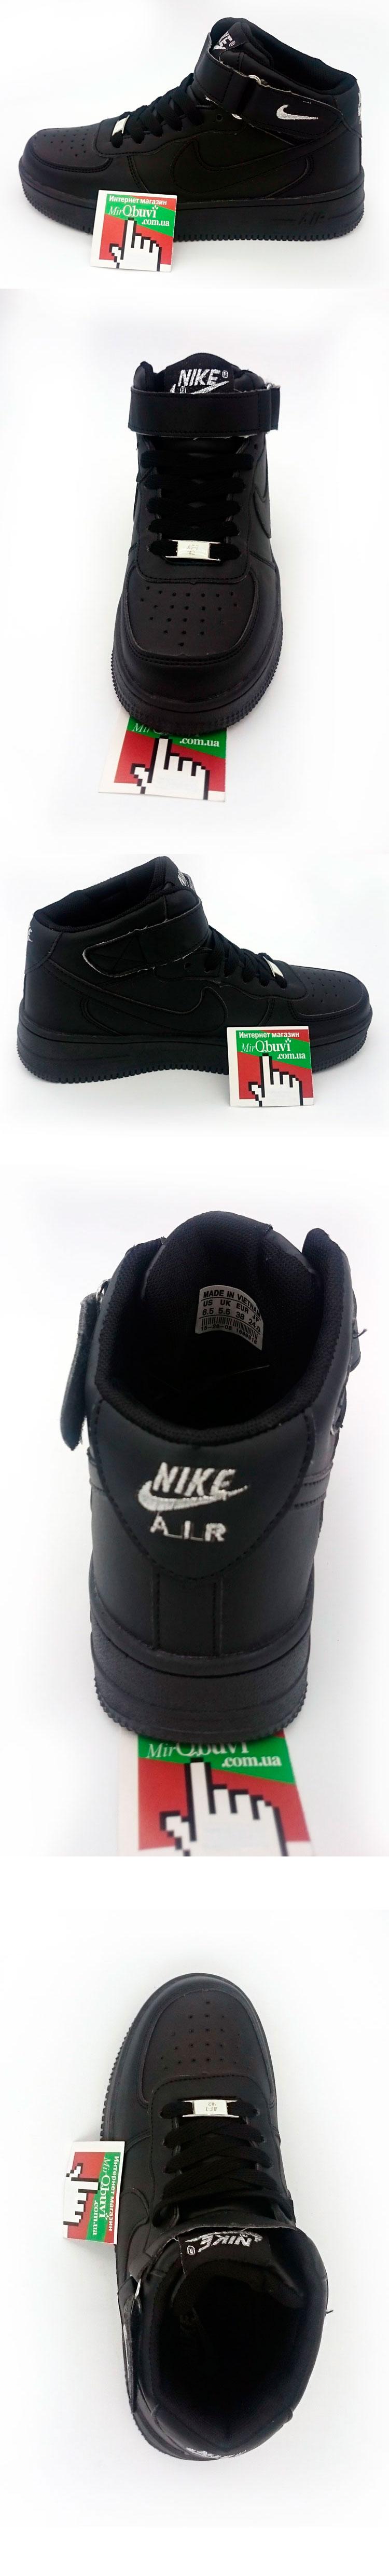 большое фото №5 Nike Air Force высокие черные